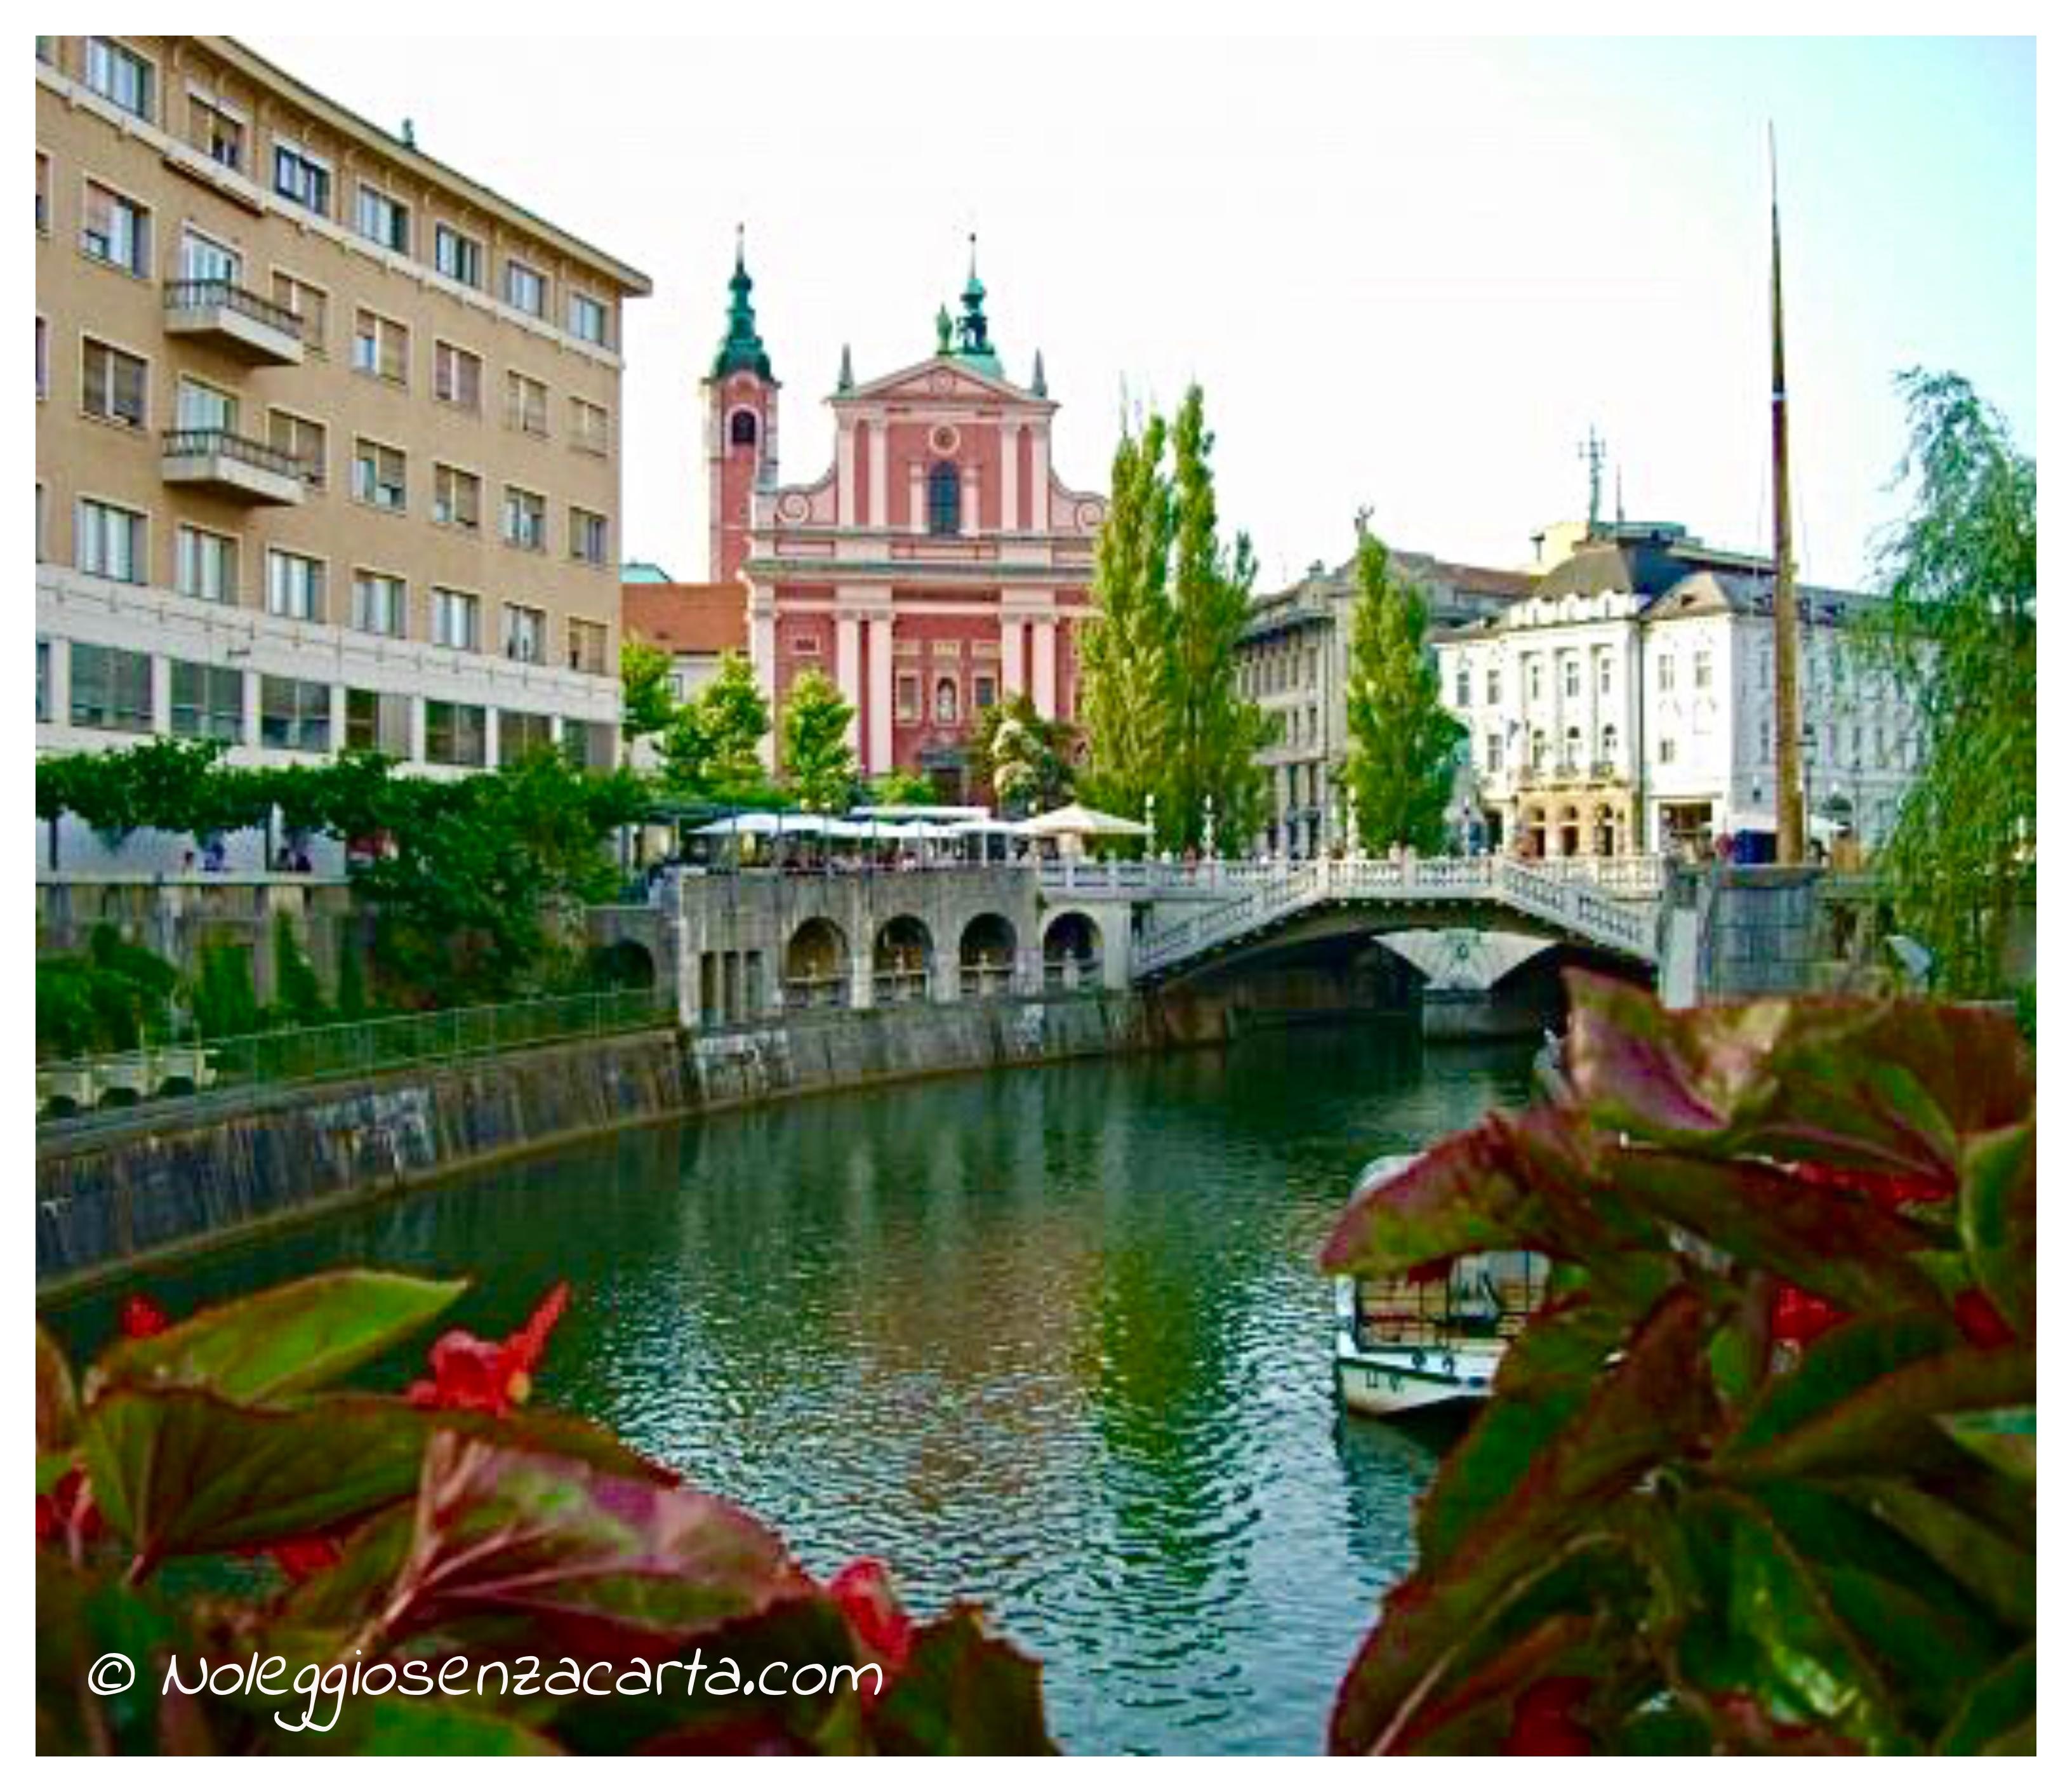 Noleggiare auto senza carta di credito in Slovenia